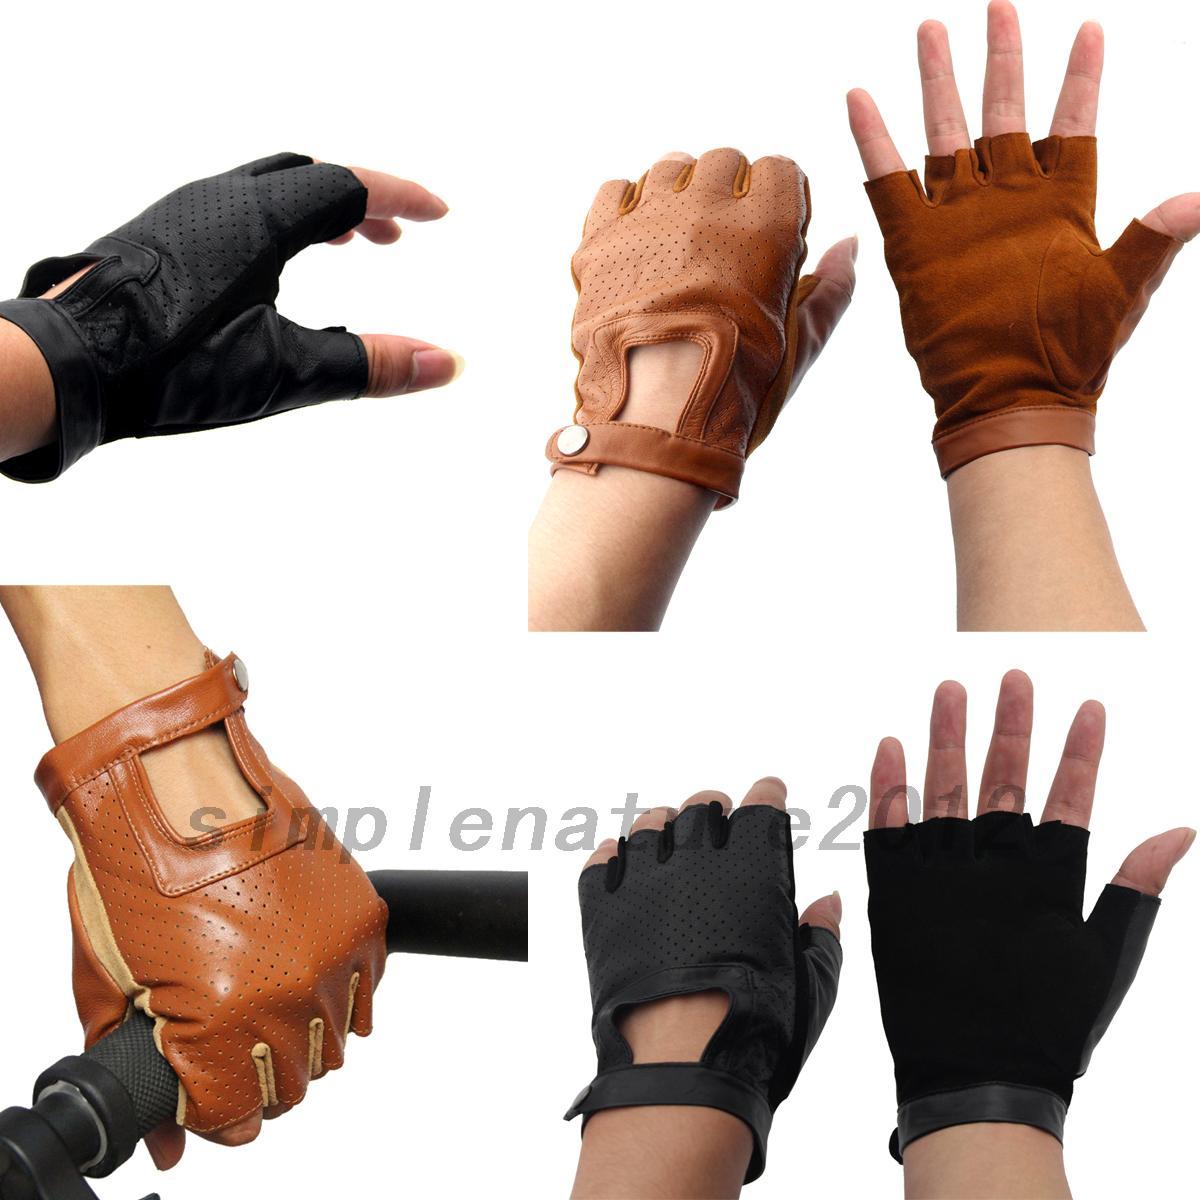 Fingerless driving gloves ebay - Image Is Loading Real Genuine Leather Sheepskin Fingerless Women Driving Gloves